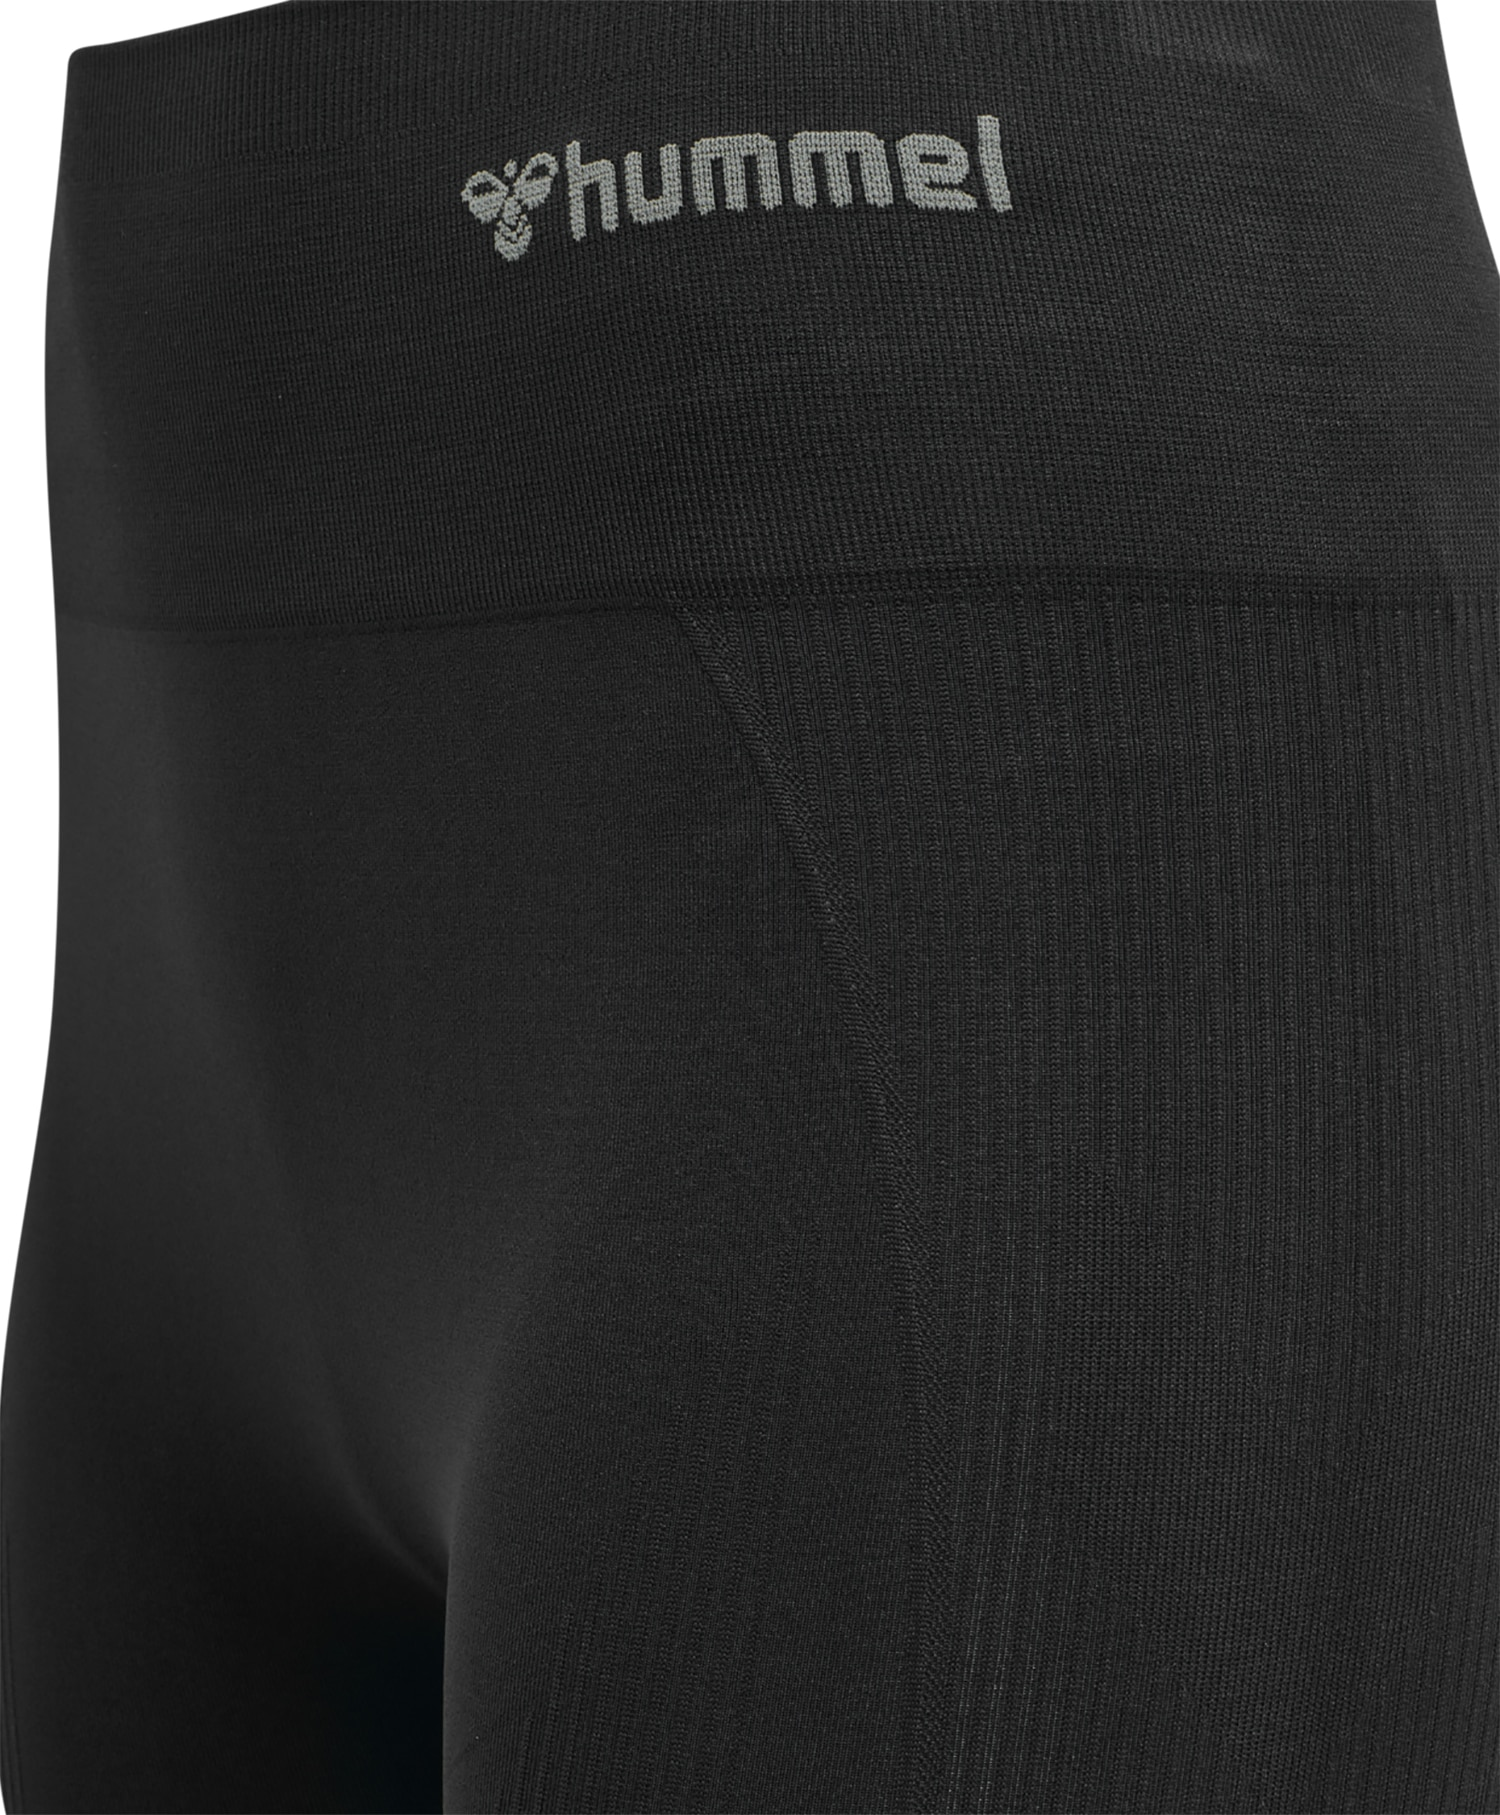 Hummel Seamless High Waist Tights